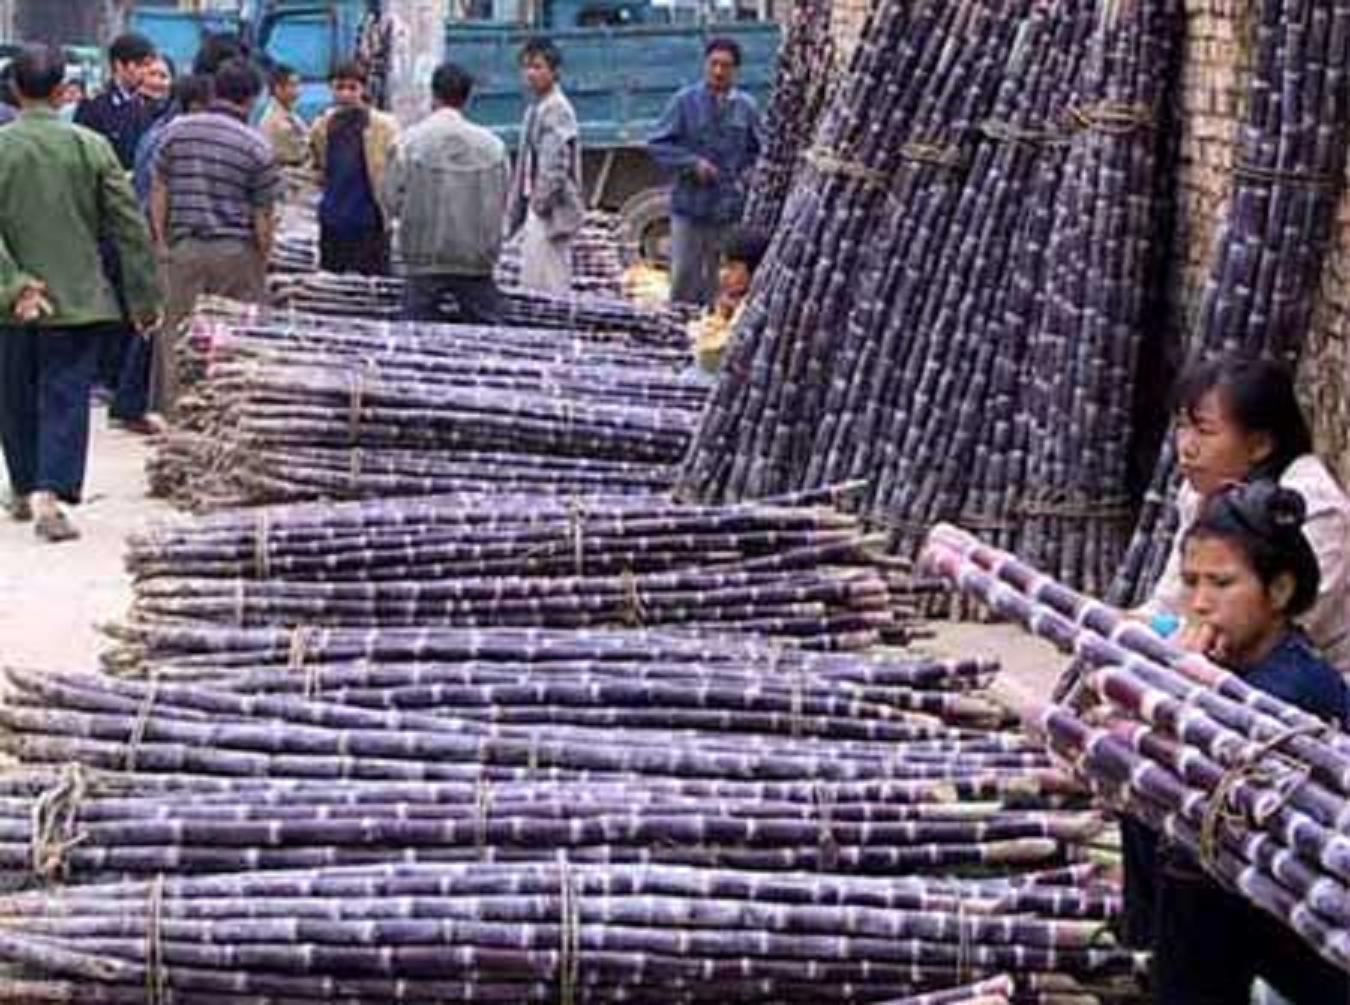 Ông Lộc cho biết giá thành sản xuất mía đường Việt Nam hiện quá cao